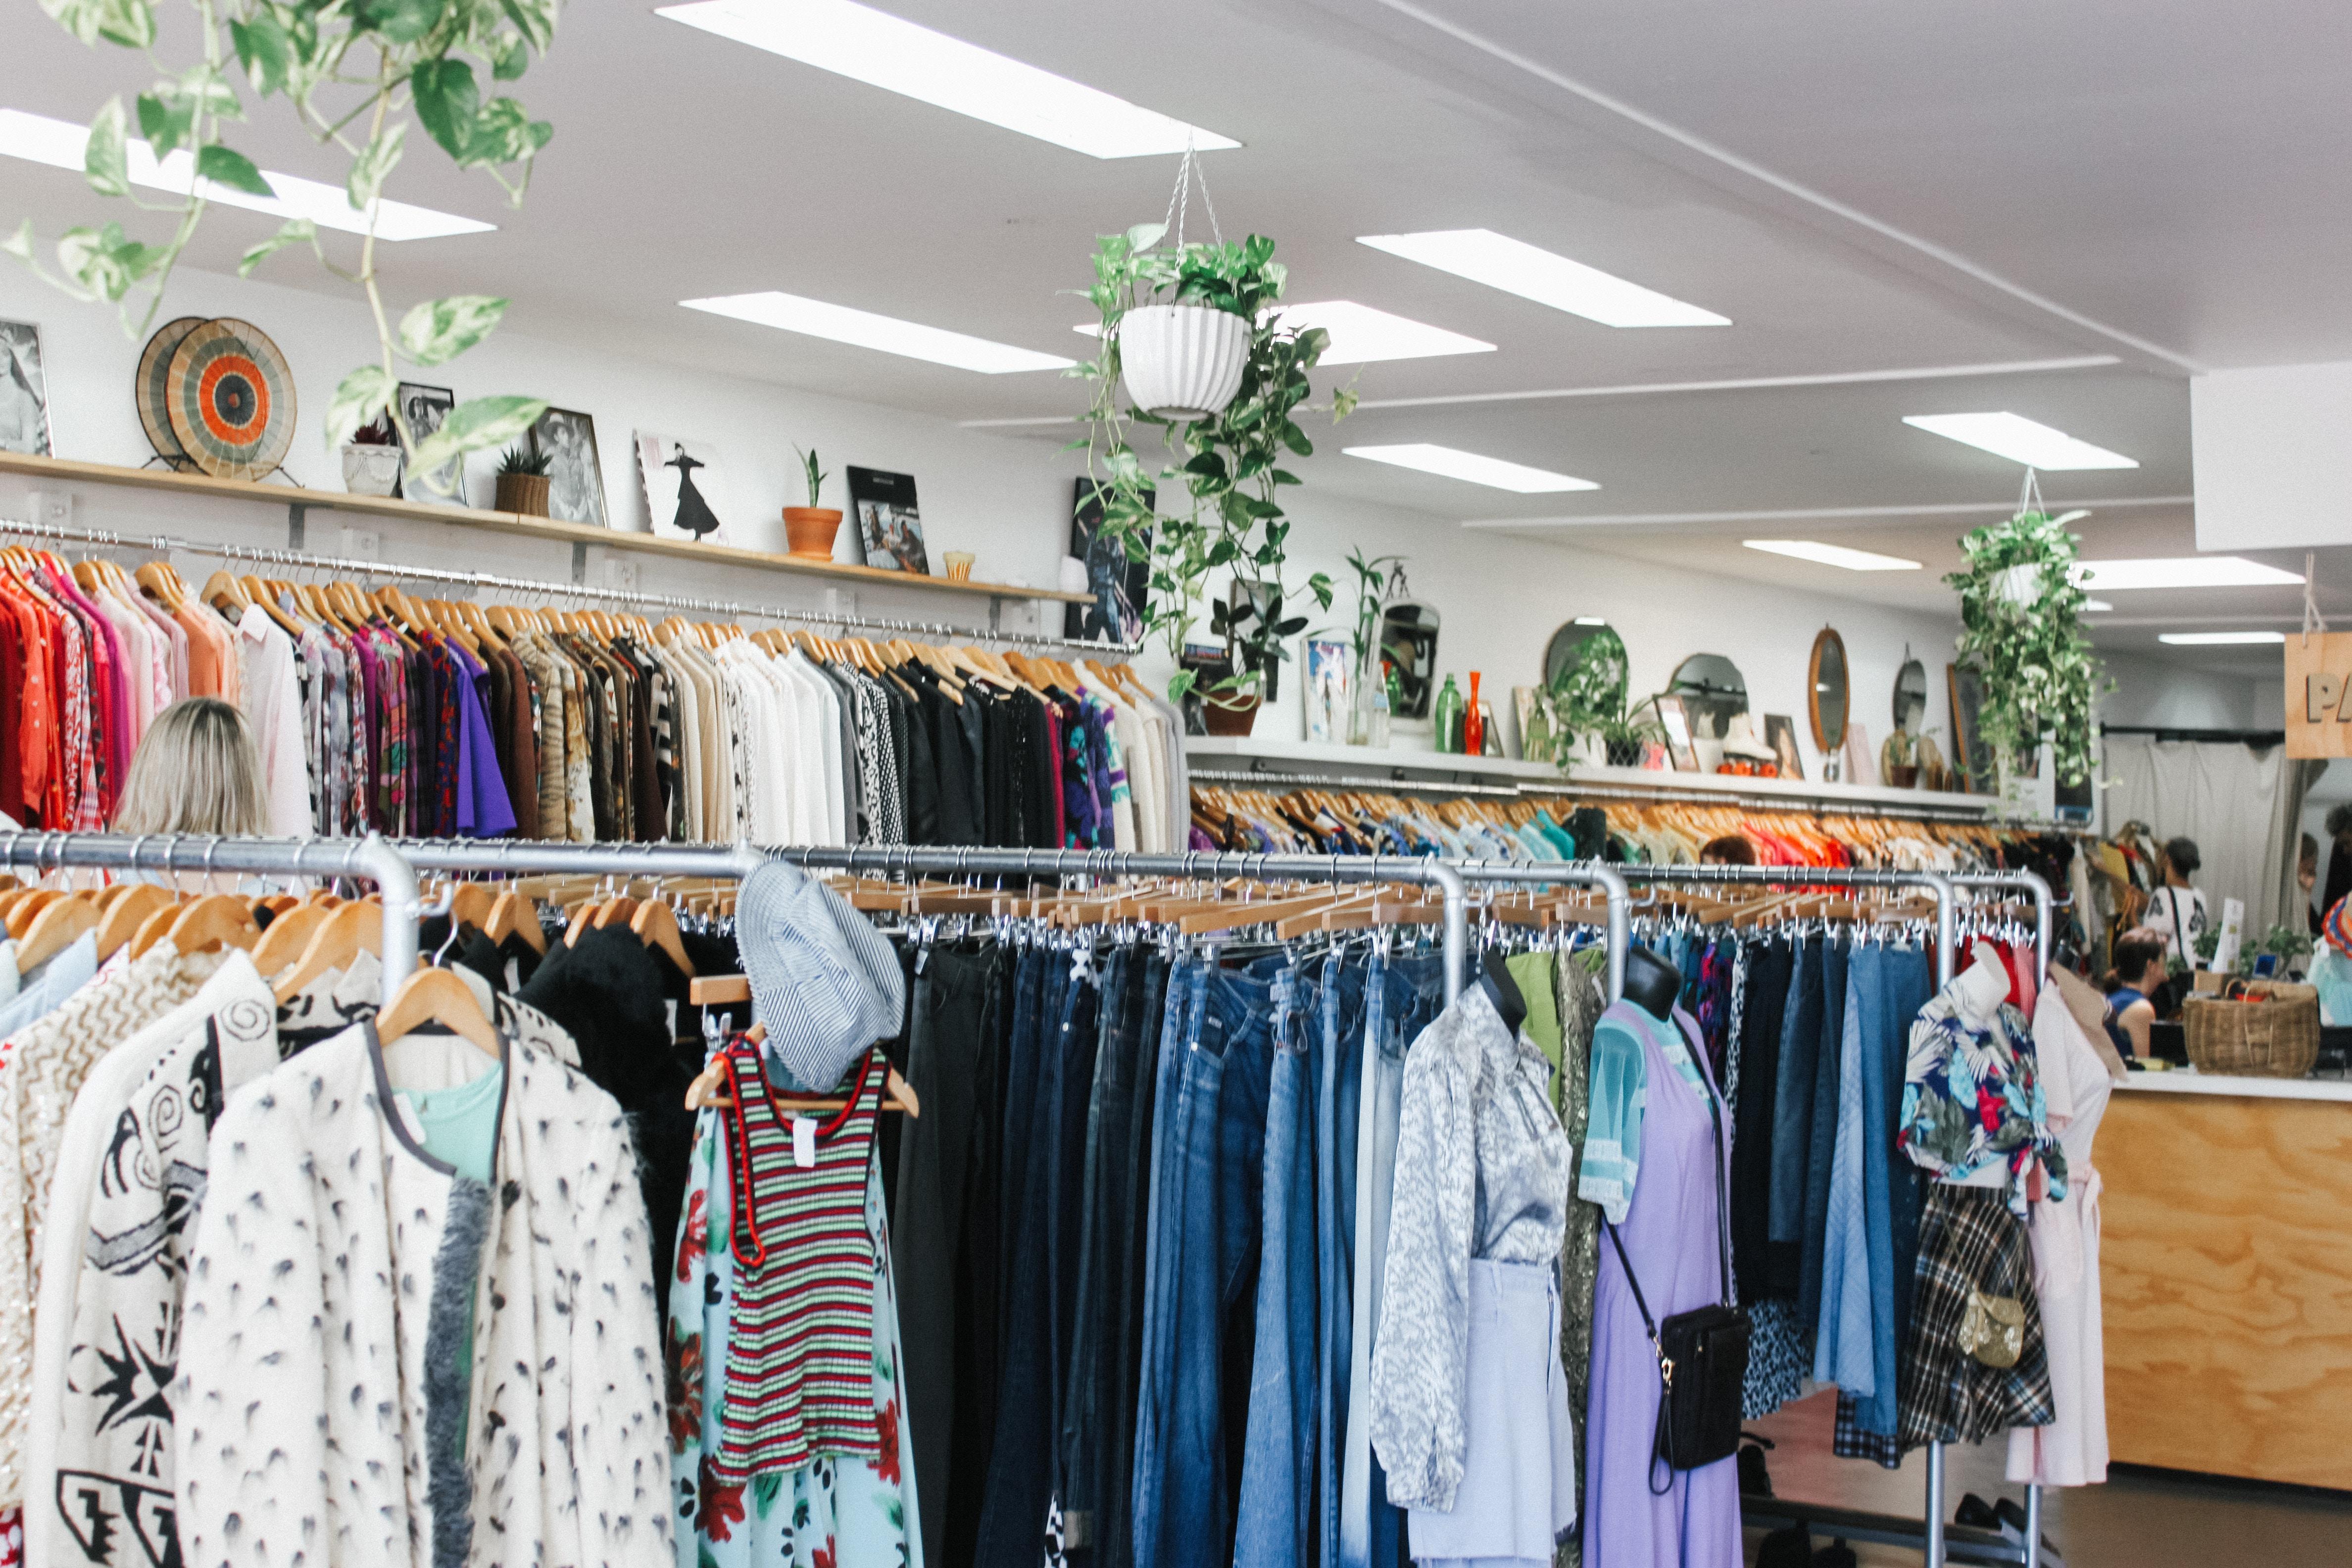 Acquistare abiti e accessori di seconda mano – la mia esperienza